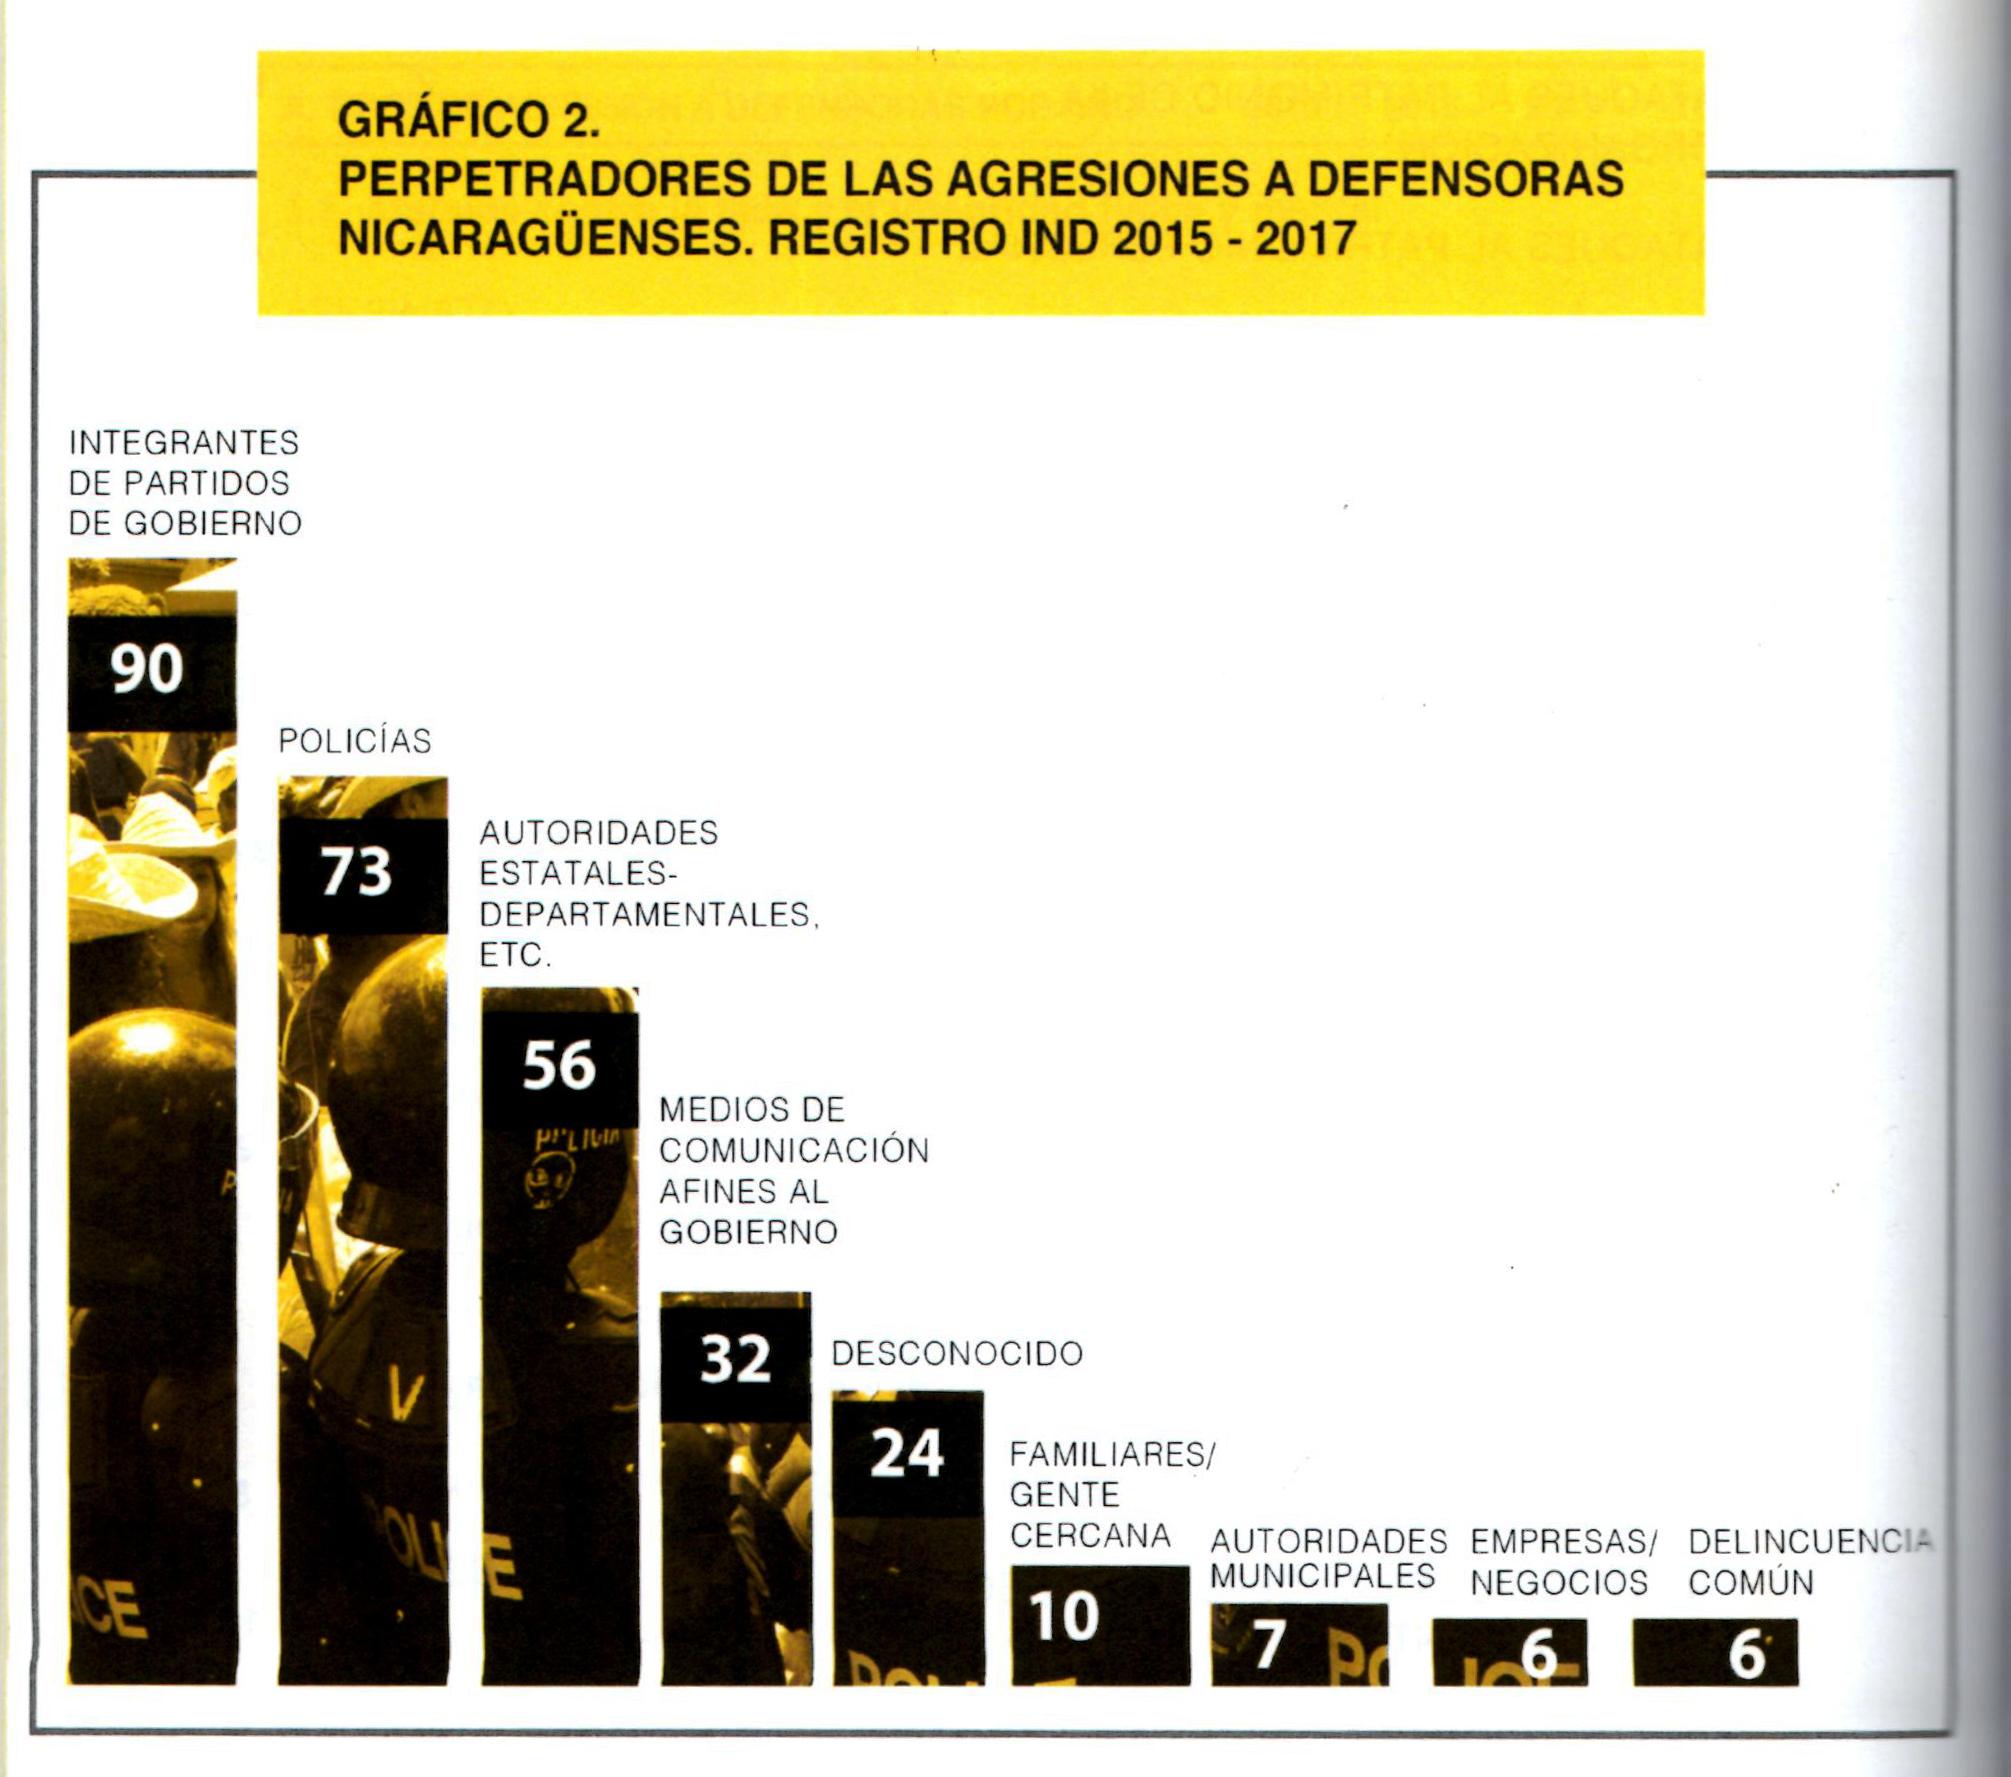 El 45% de las agresiones que sufren son perpetradas por autoridades estatales.